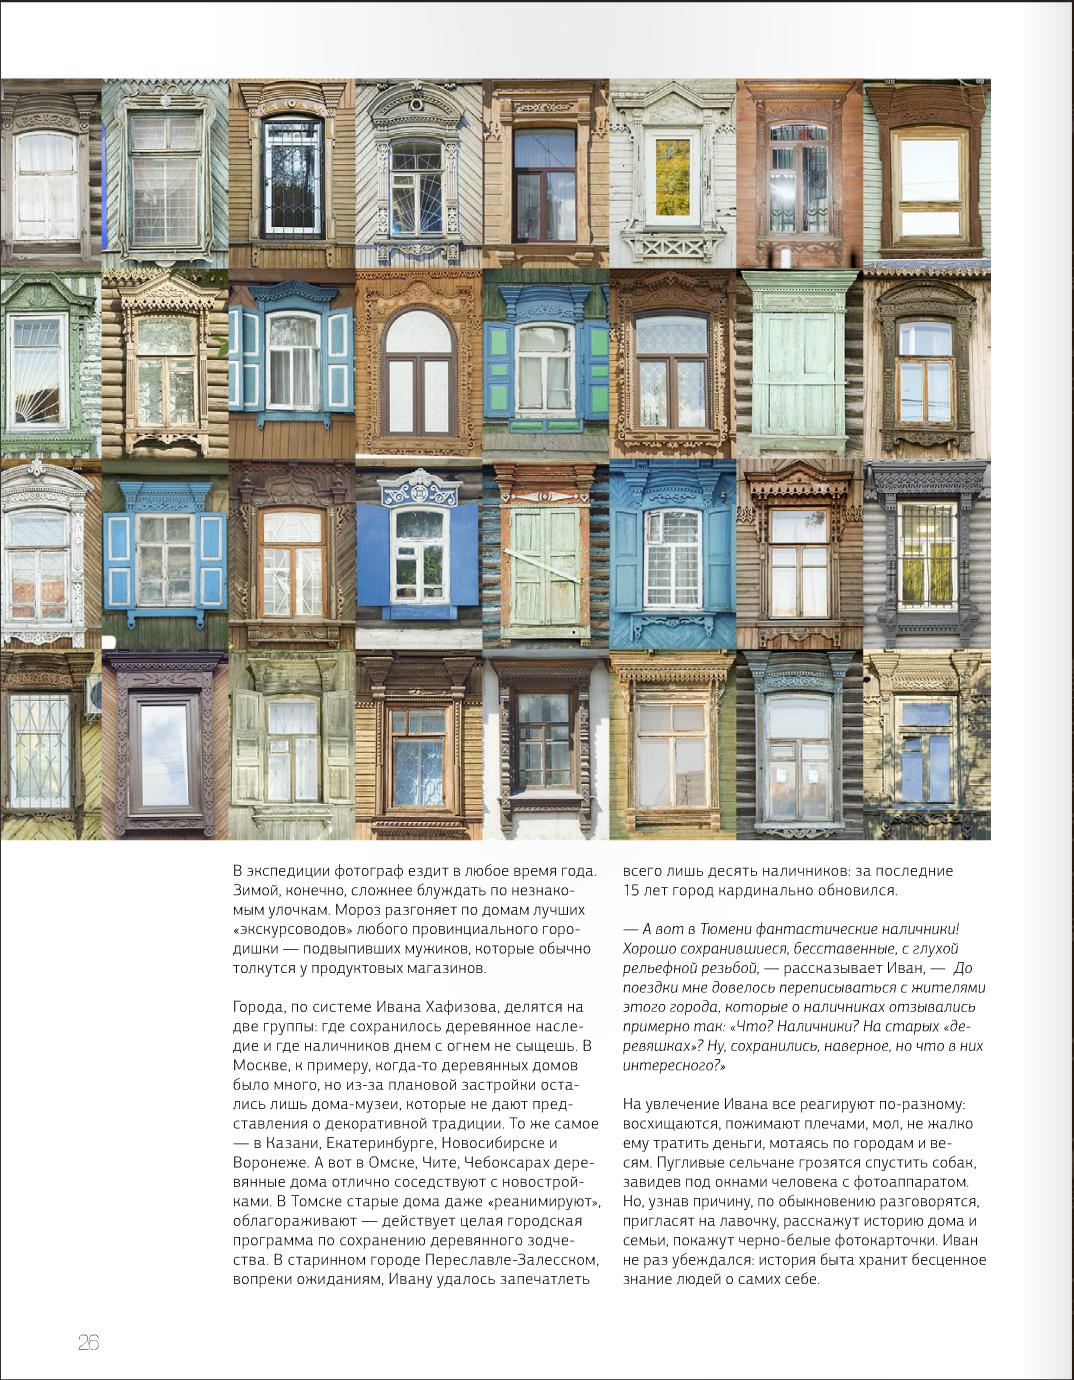 Рассказ о проекте Nalichniki.com в журнале Уральских Авилиний